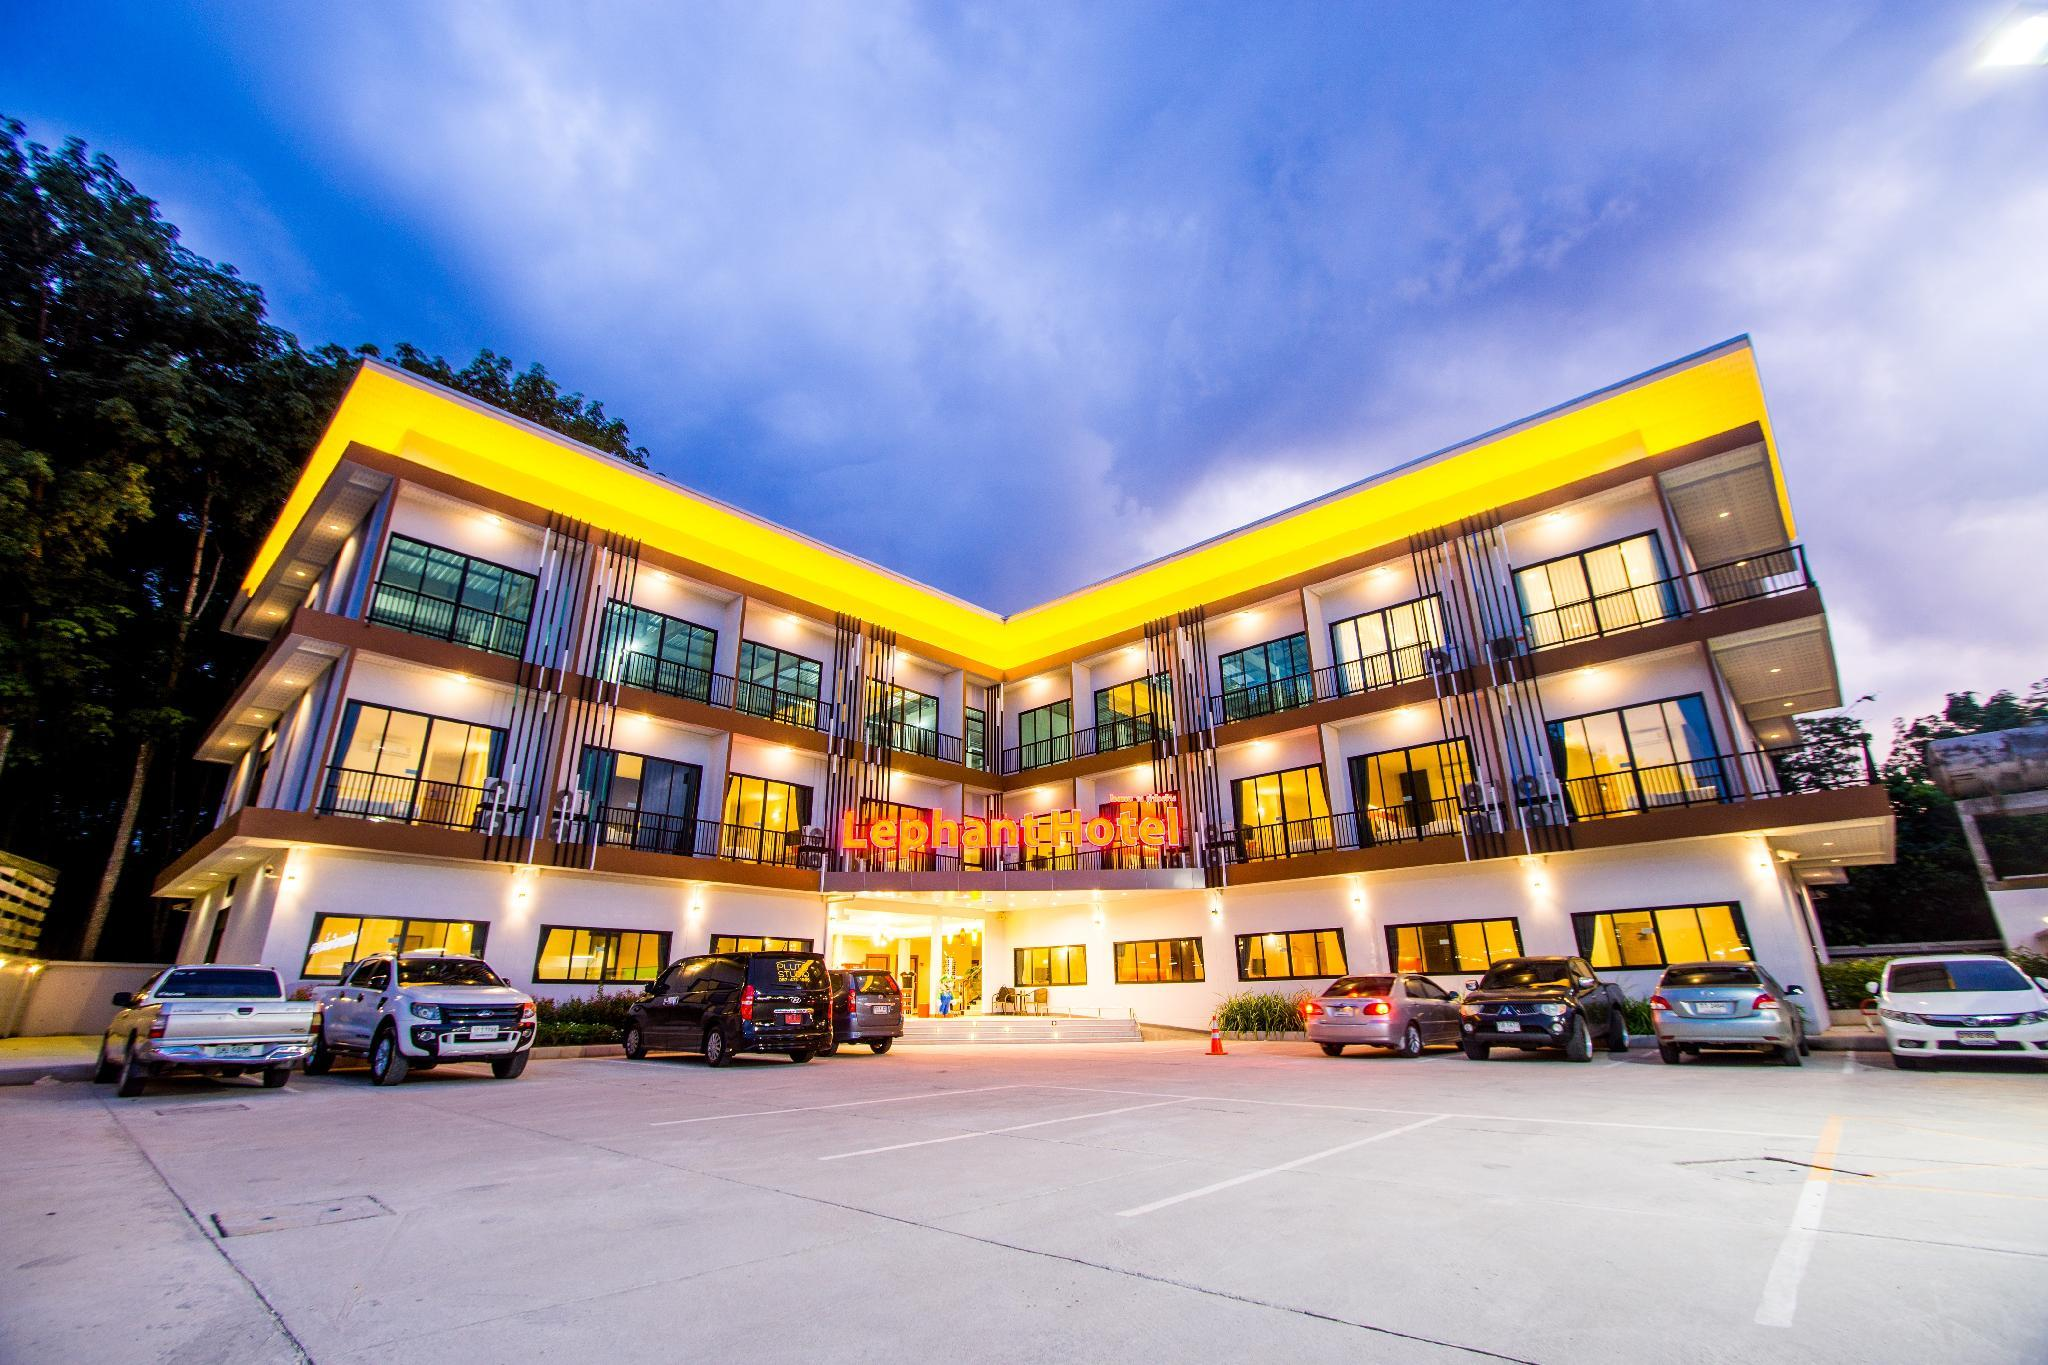 โรงแรม ณ ท่าโรงช้าง